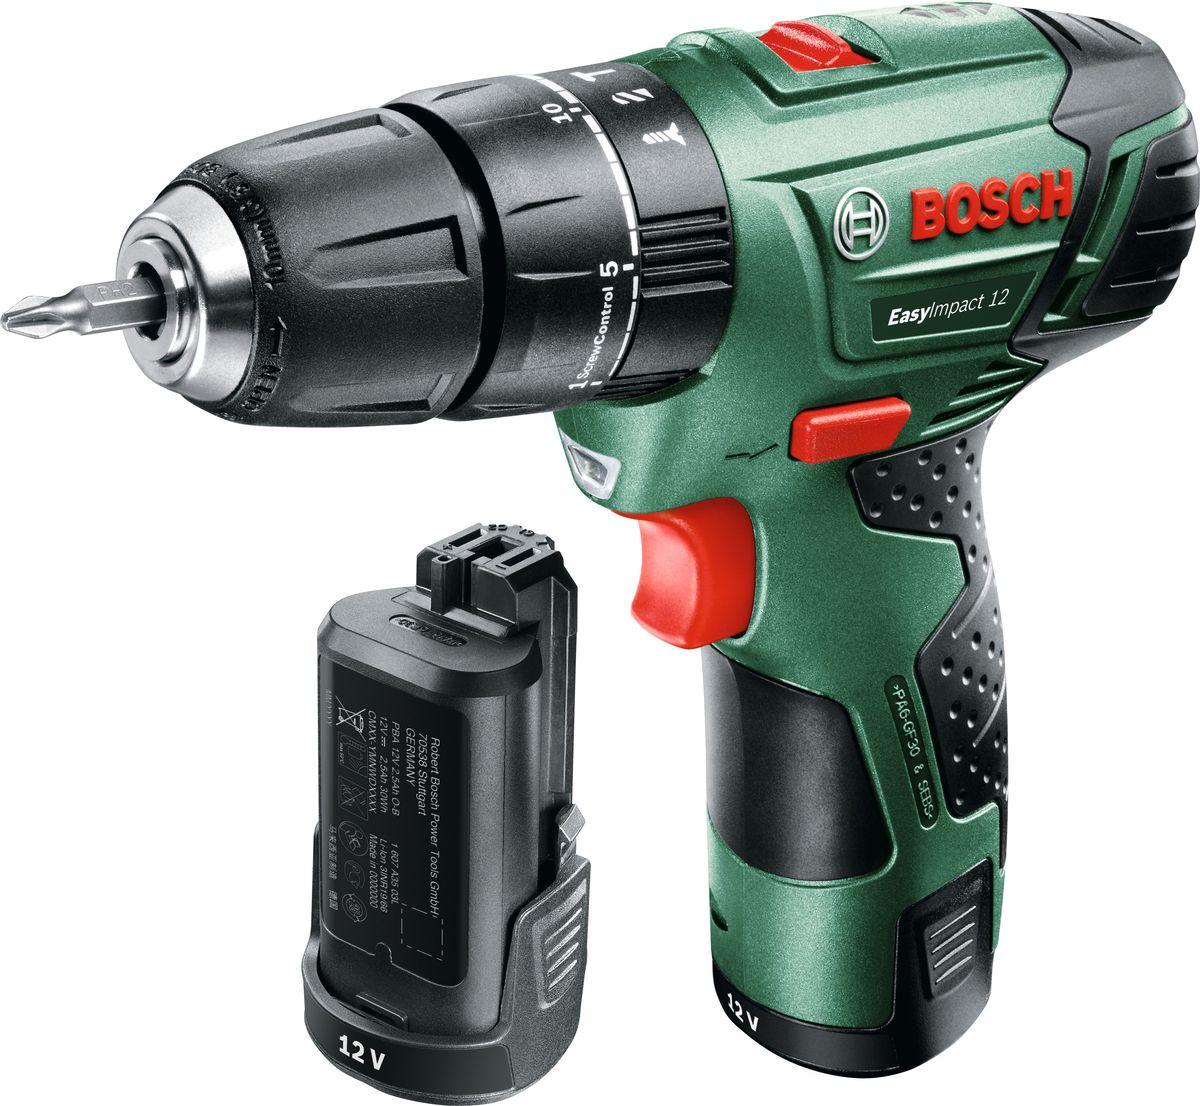 Дрель аккумуляторная ударная Bosch EasyImpact 12, 2 аккумулятора дрель электрическая bosch psb 500 re 0603127020 ударная